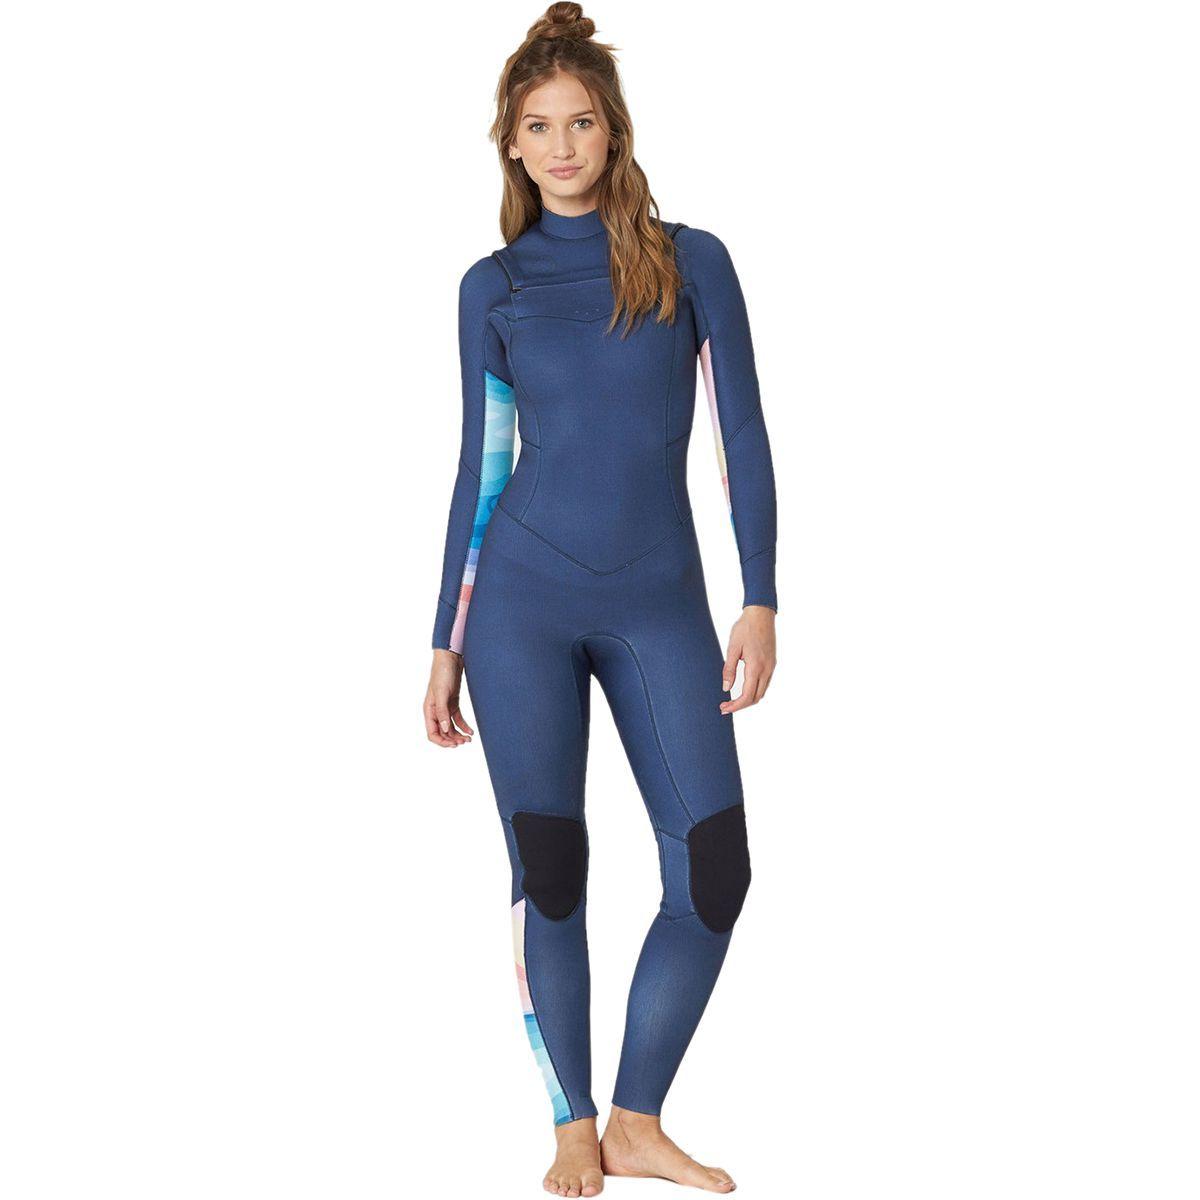 Billabong 4/3 Salty Dayz Chest-Zip Full Wetsuit - Women's